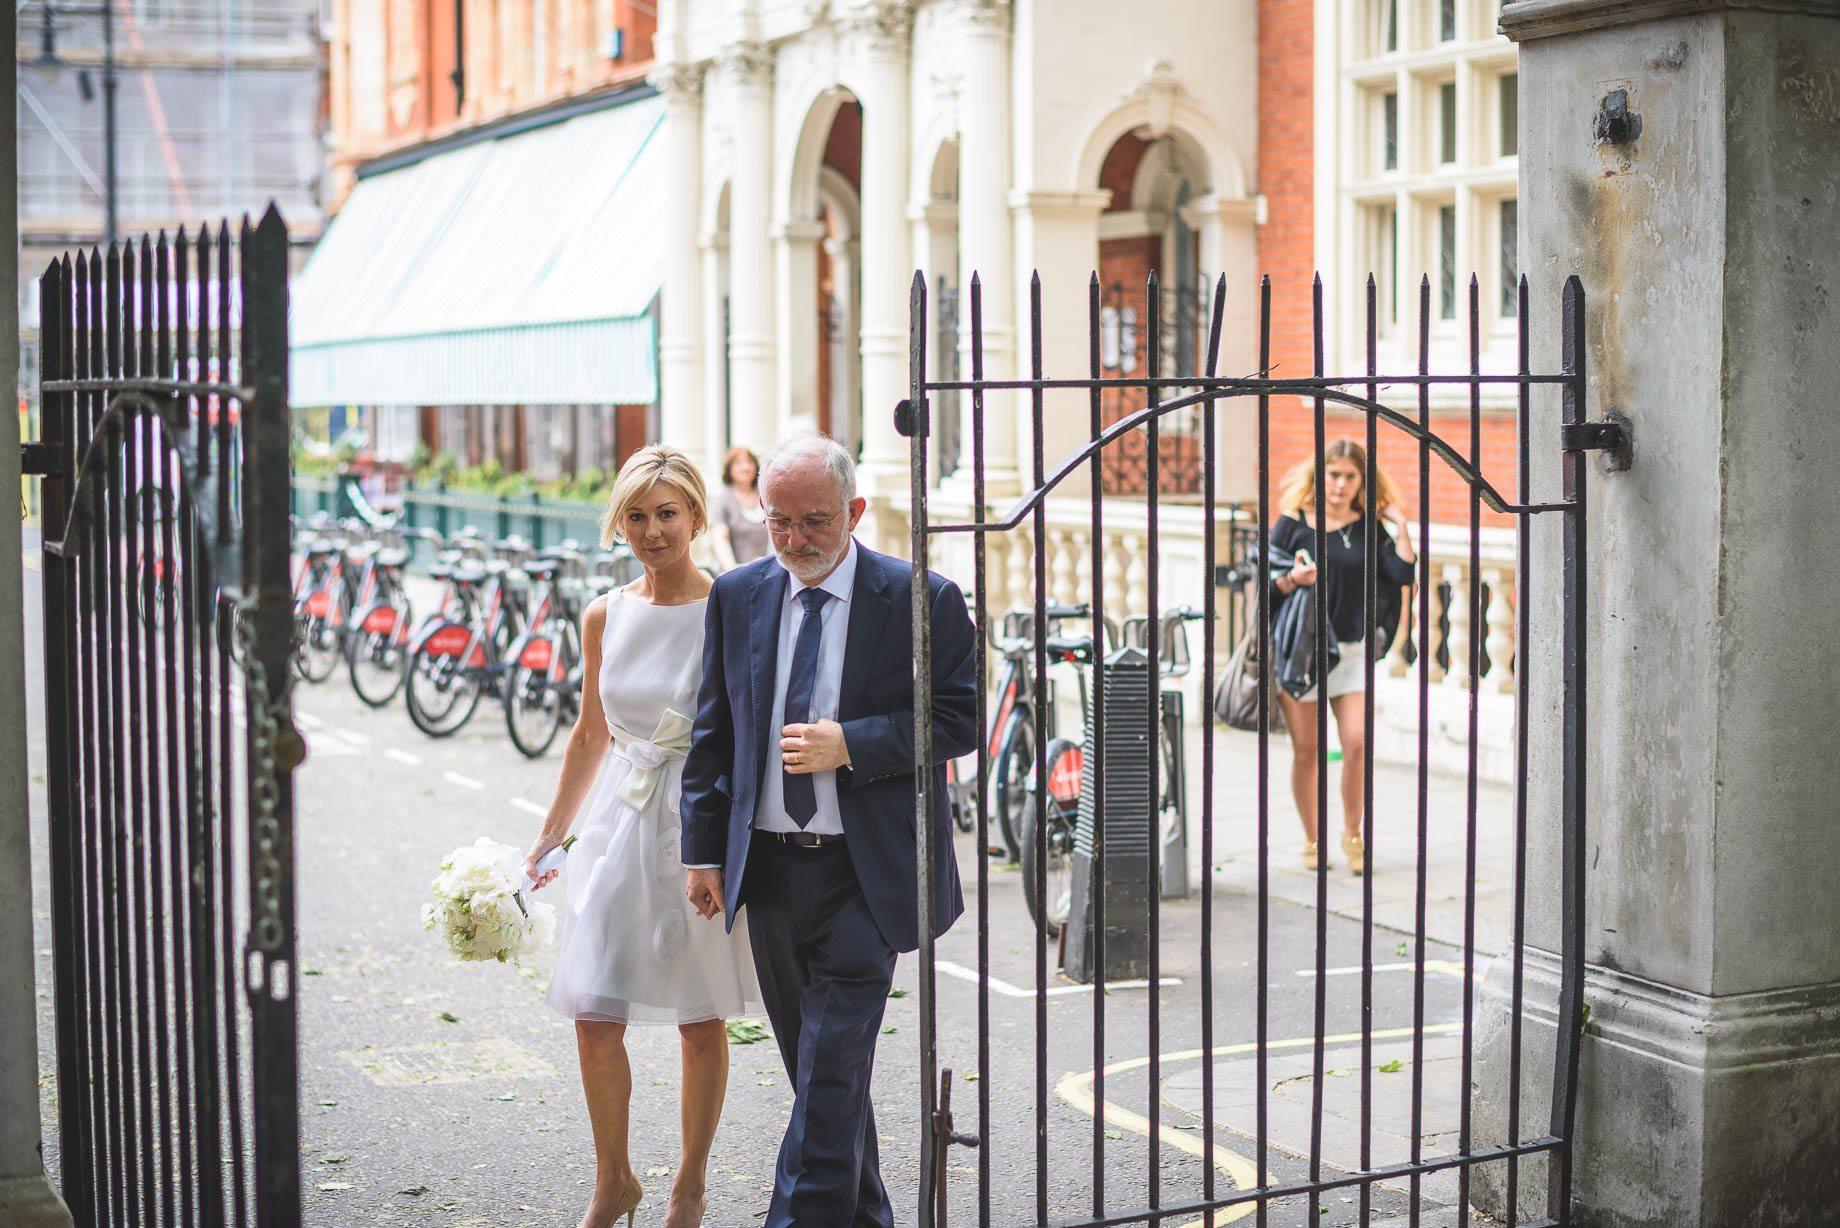 Mayfair wedding photography - Allison and Eugene (55 of 94)